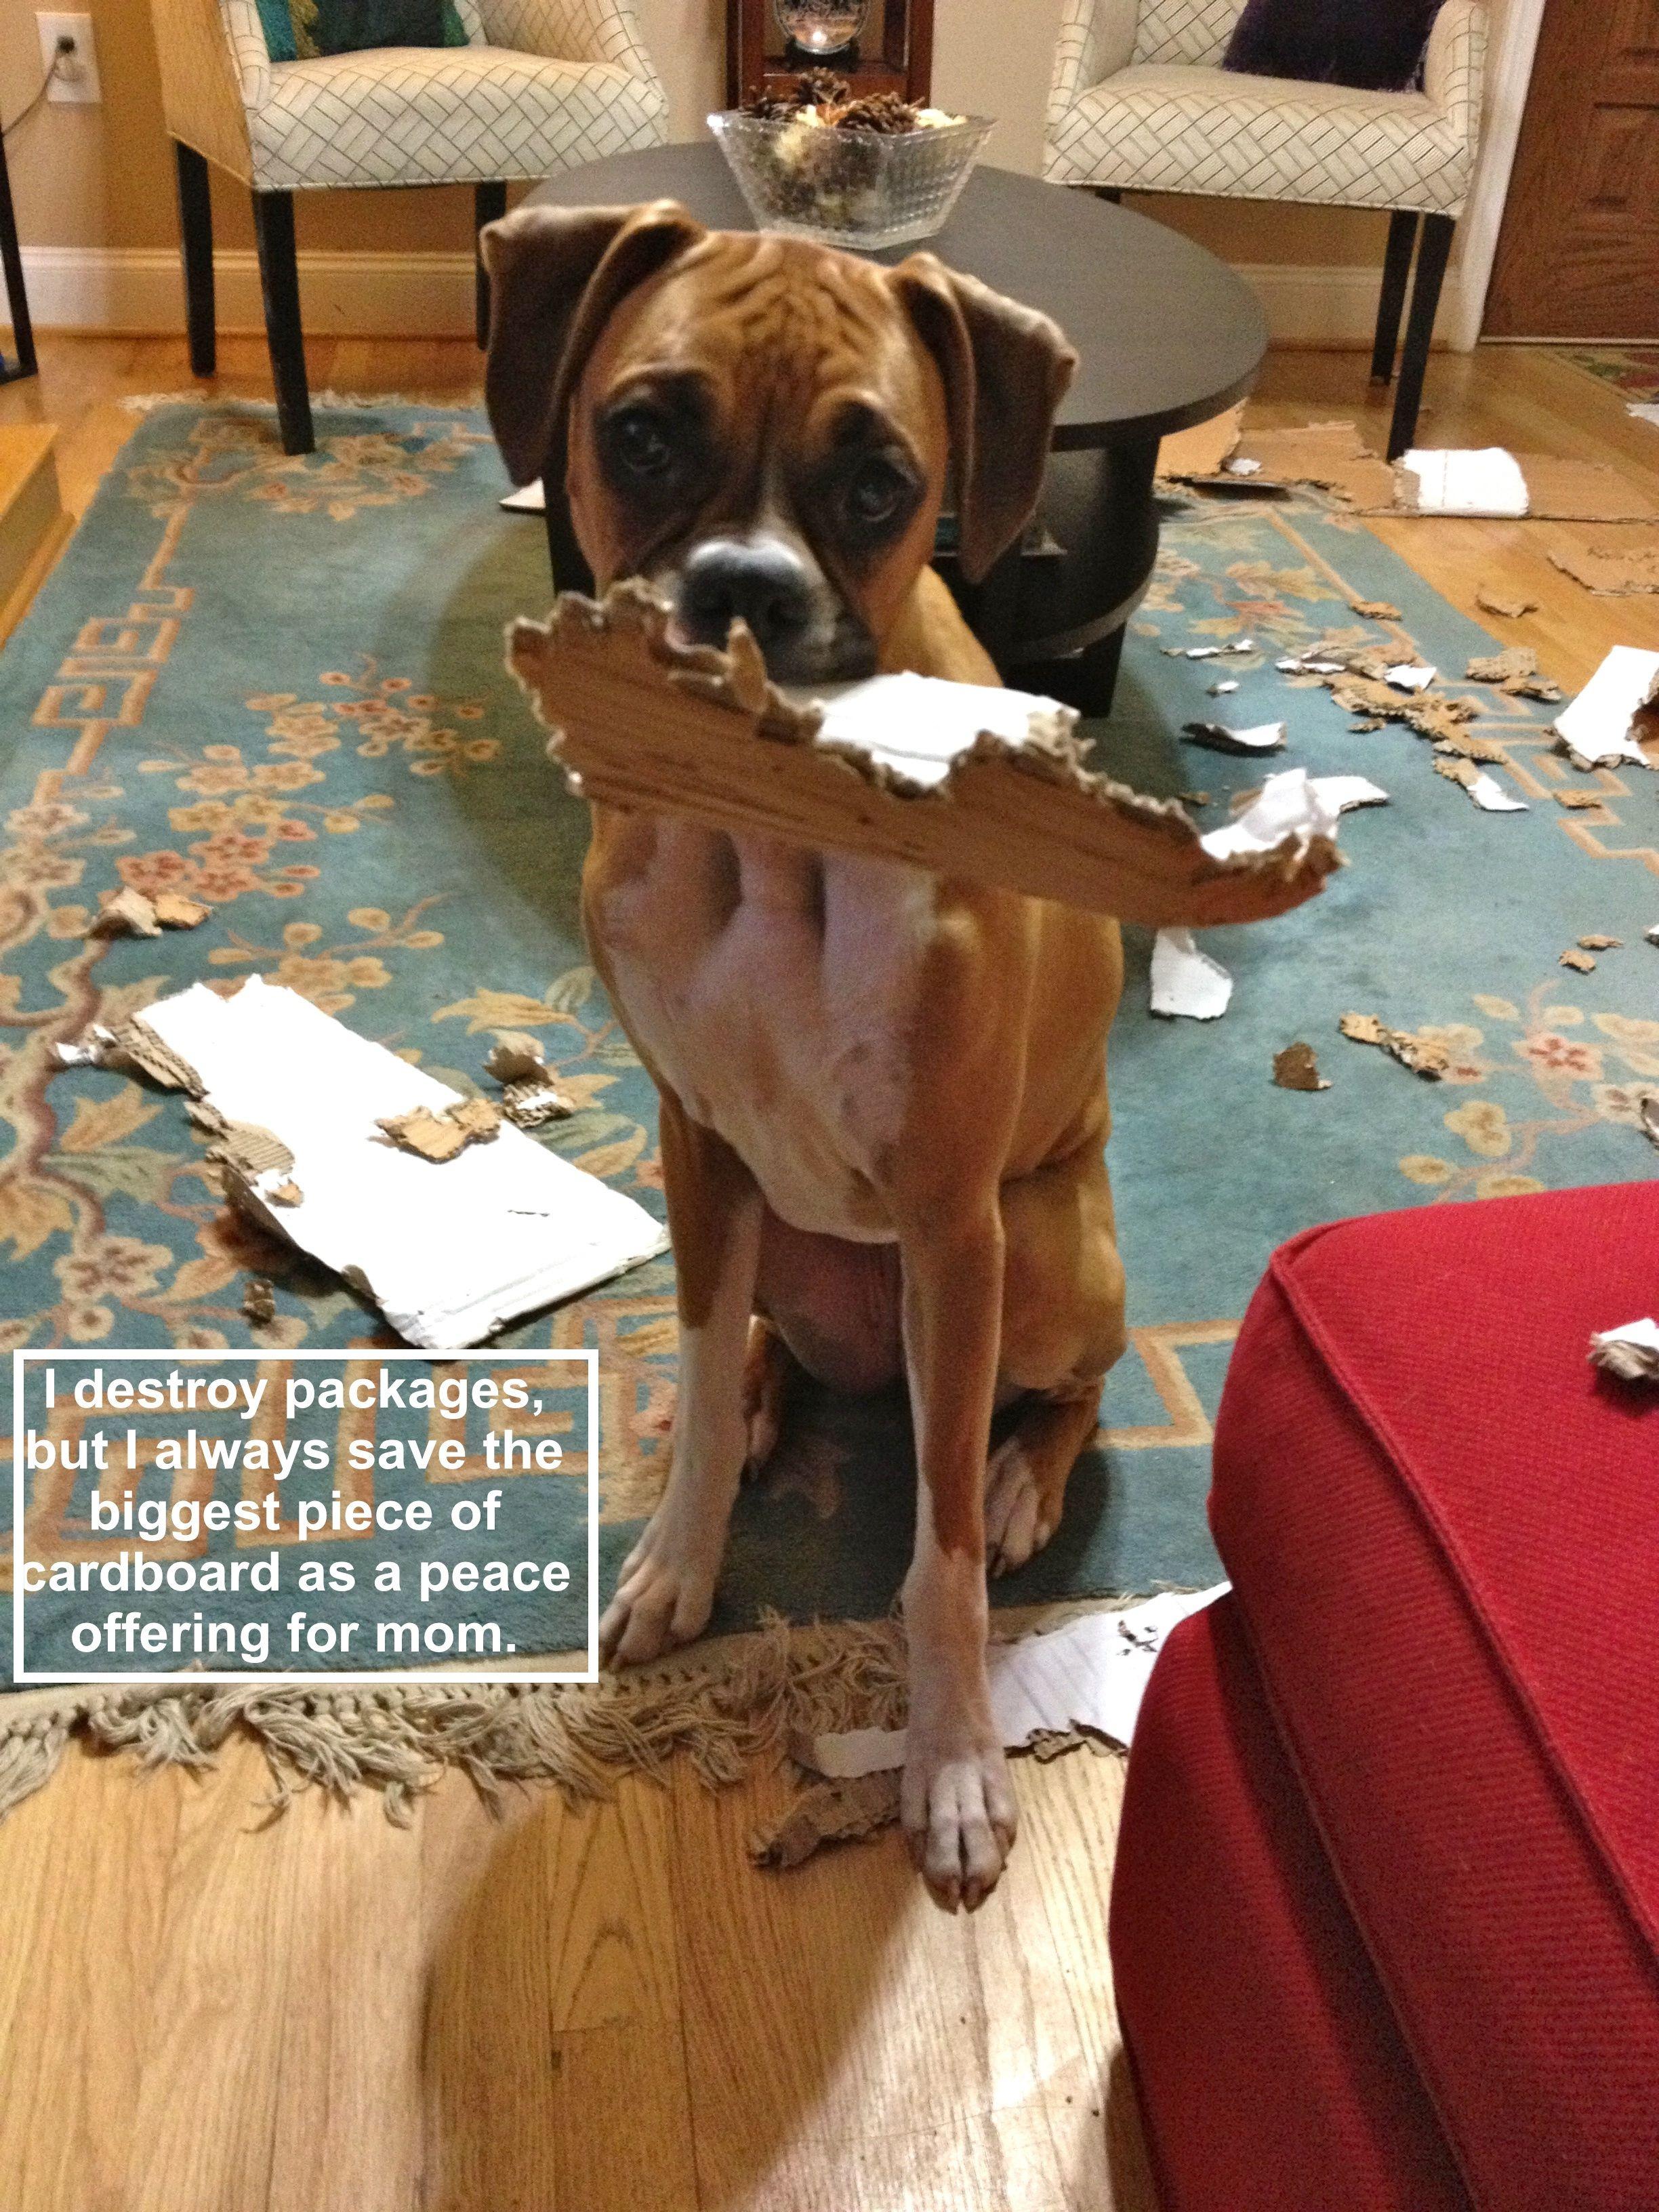 Image result for boxer dog, destroy